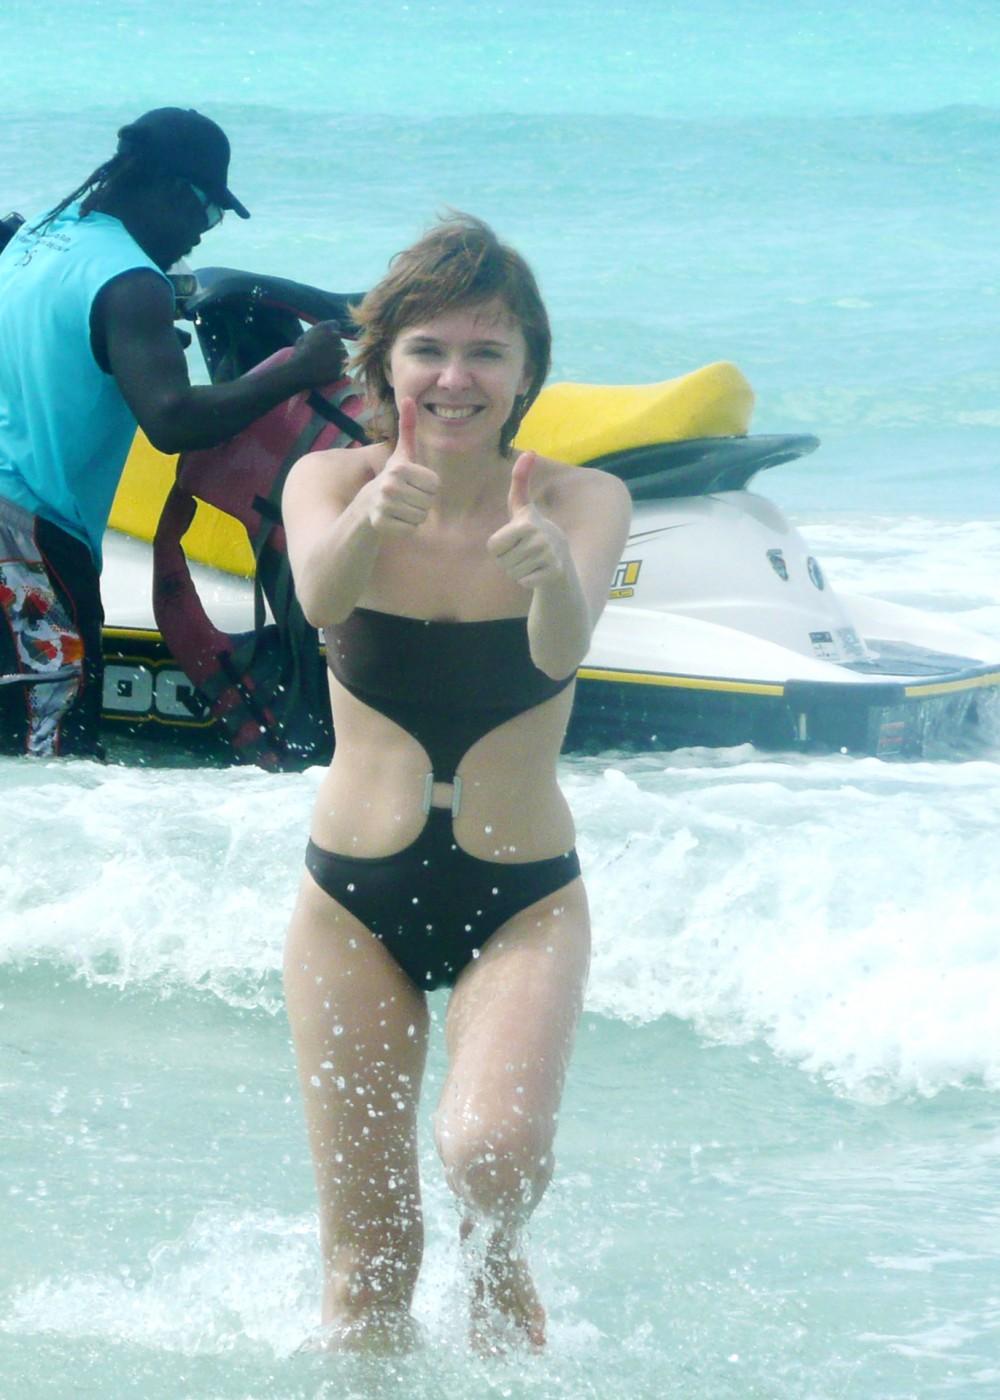 Фото полнеькие на пляже 5 фотография